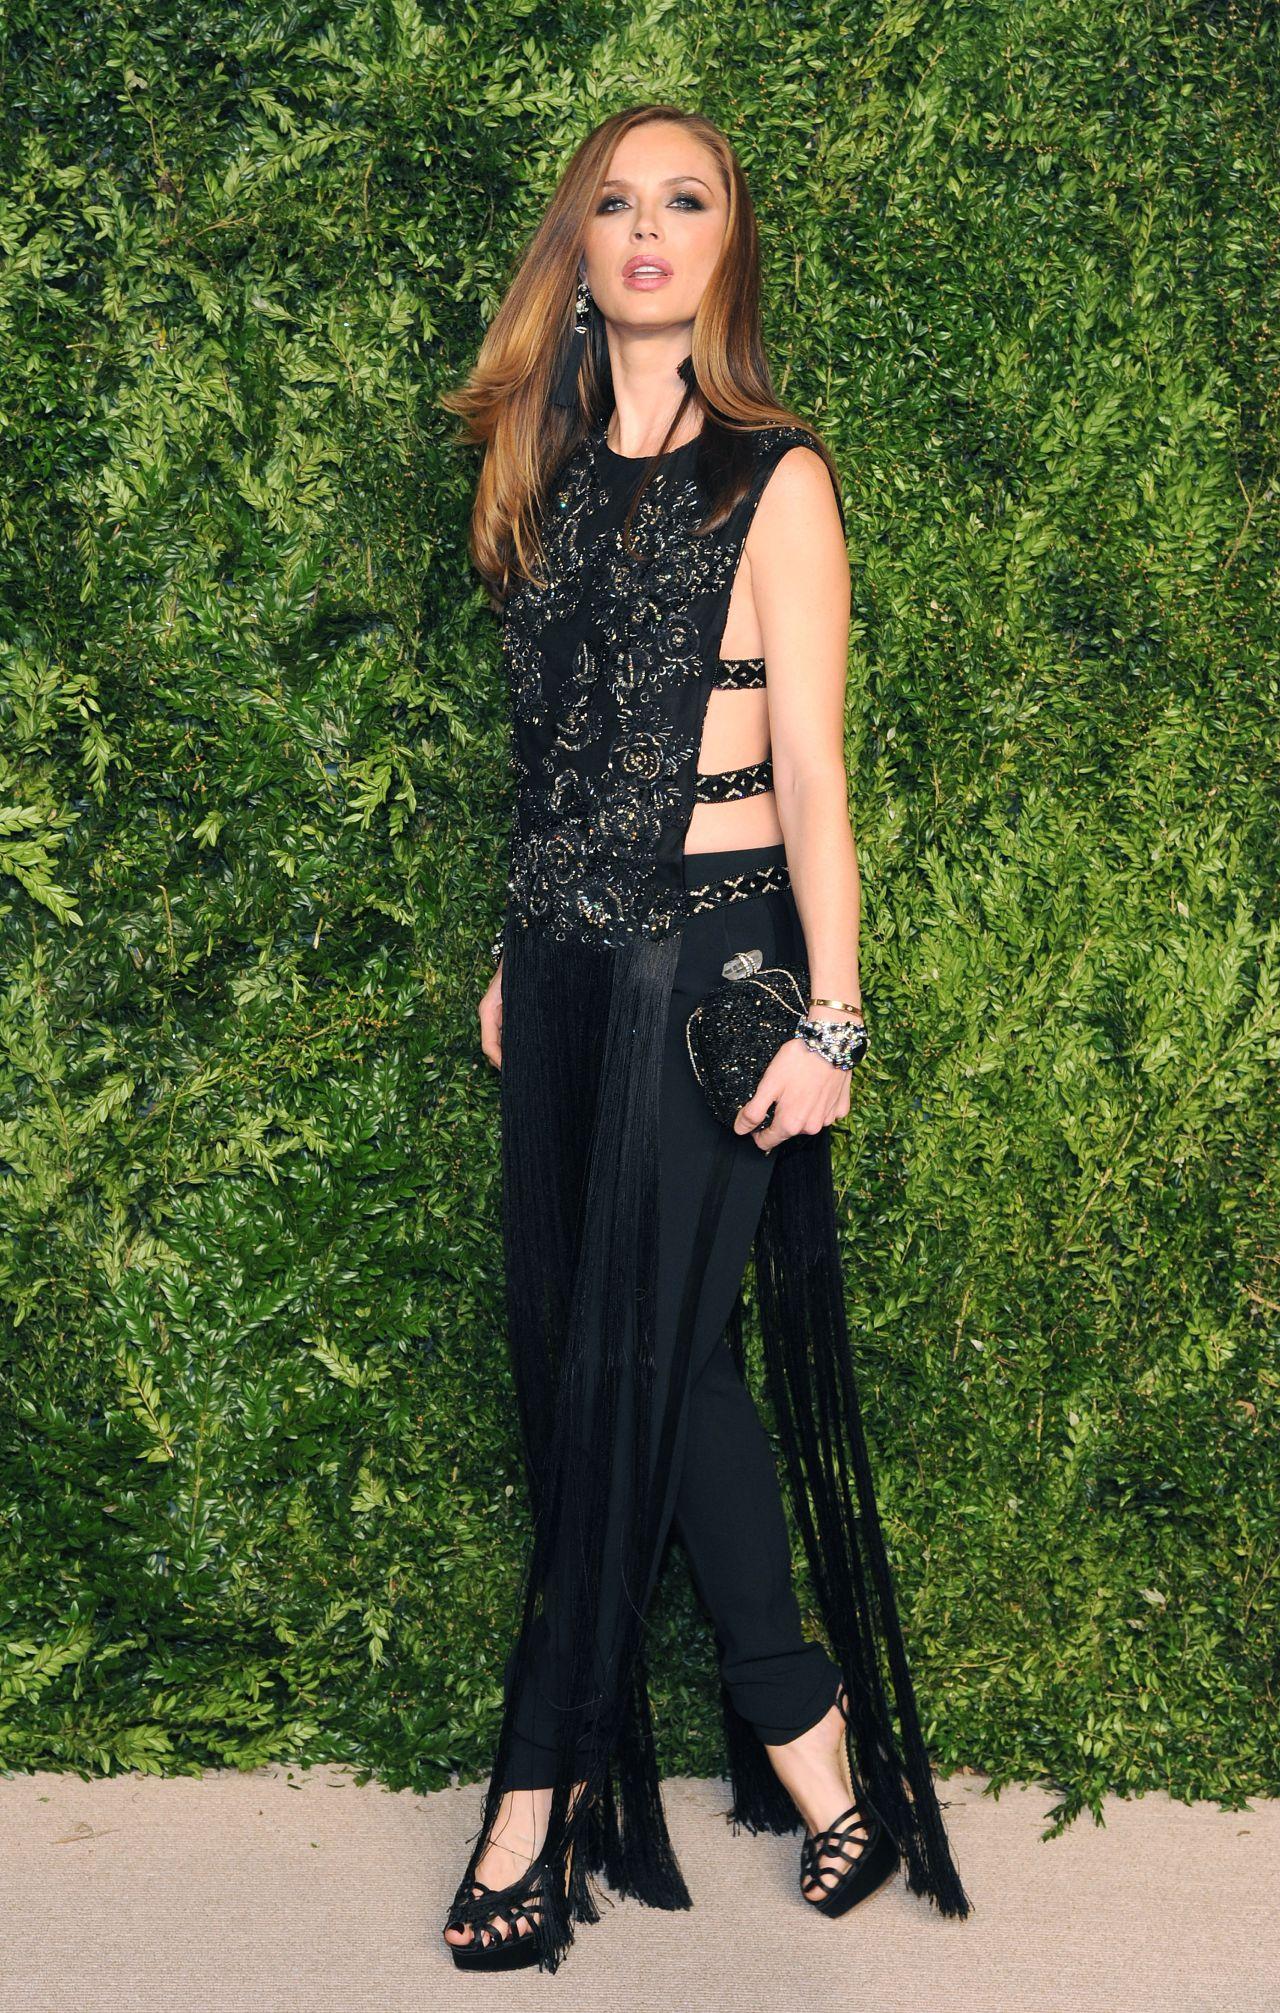 2015 CFDA/Vogue Fashion Fund Awards In